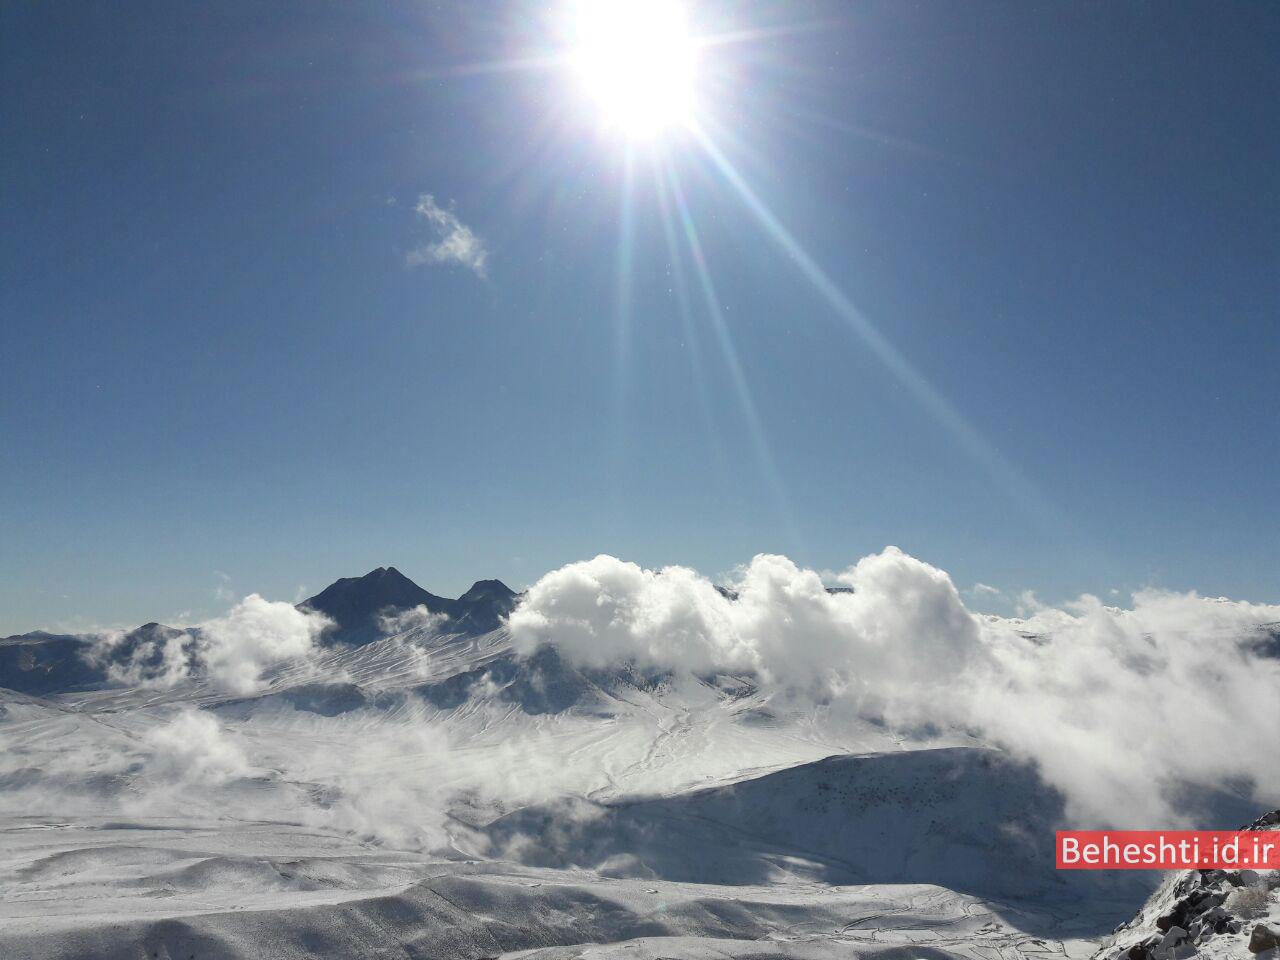 تصویر شاهدار کوه دامغان از قله بادله دامغان